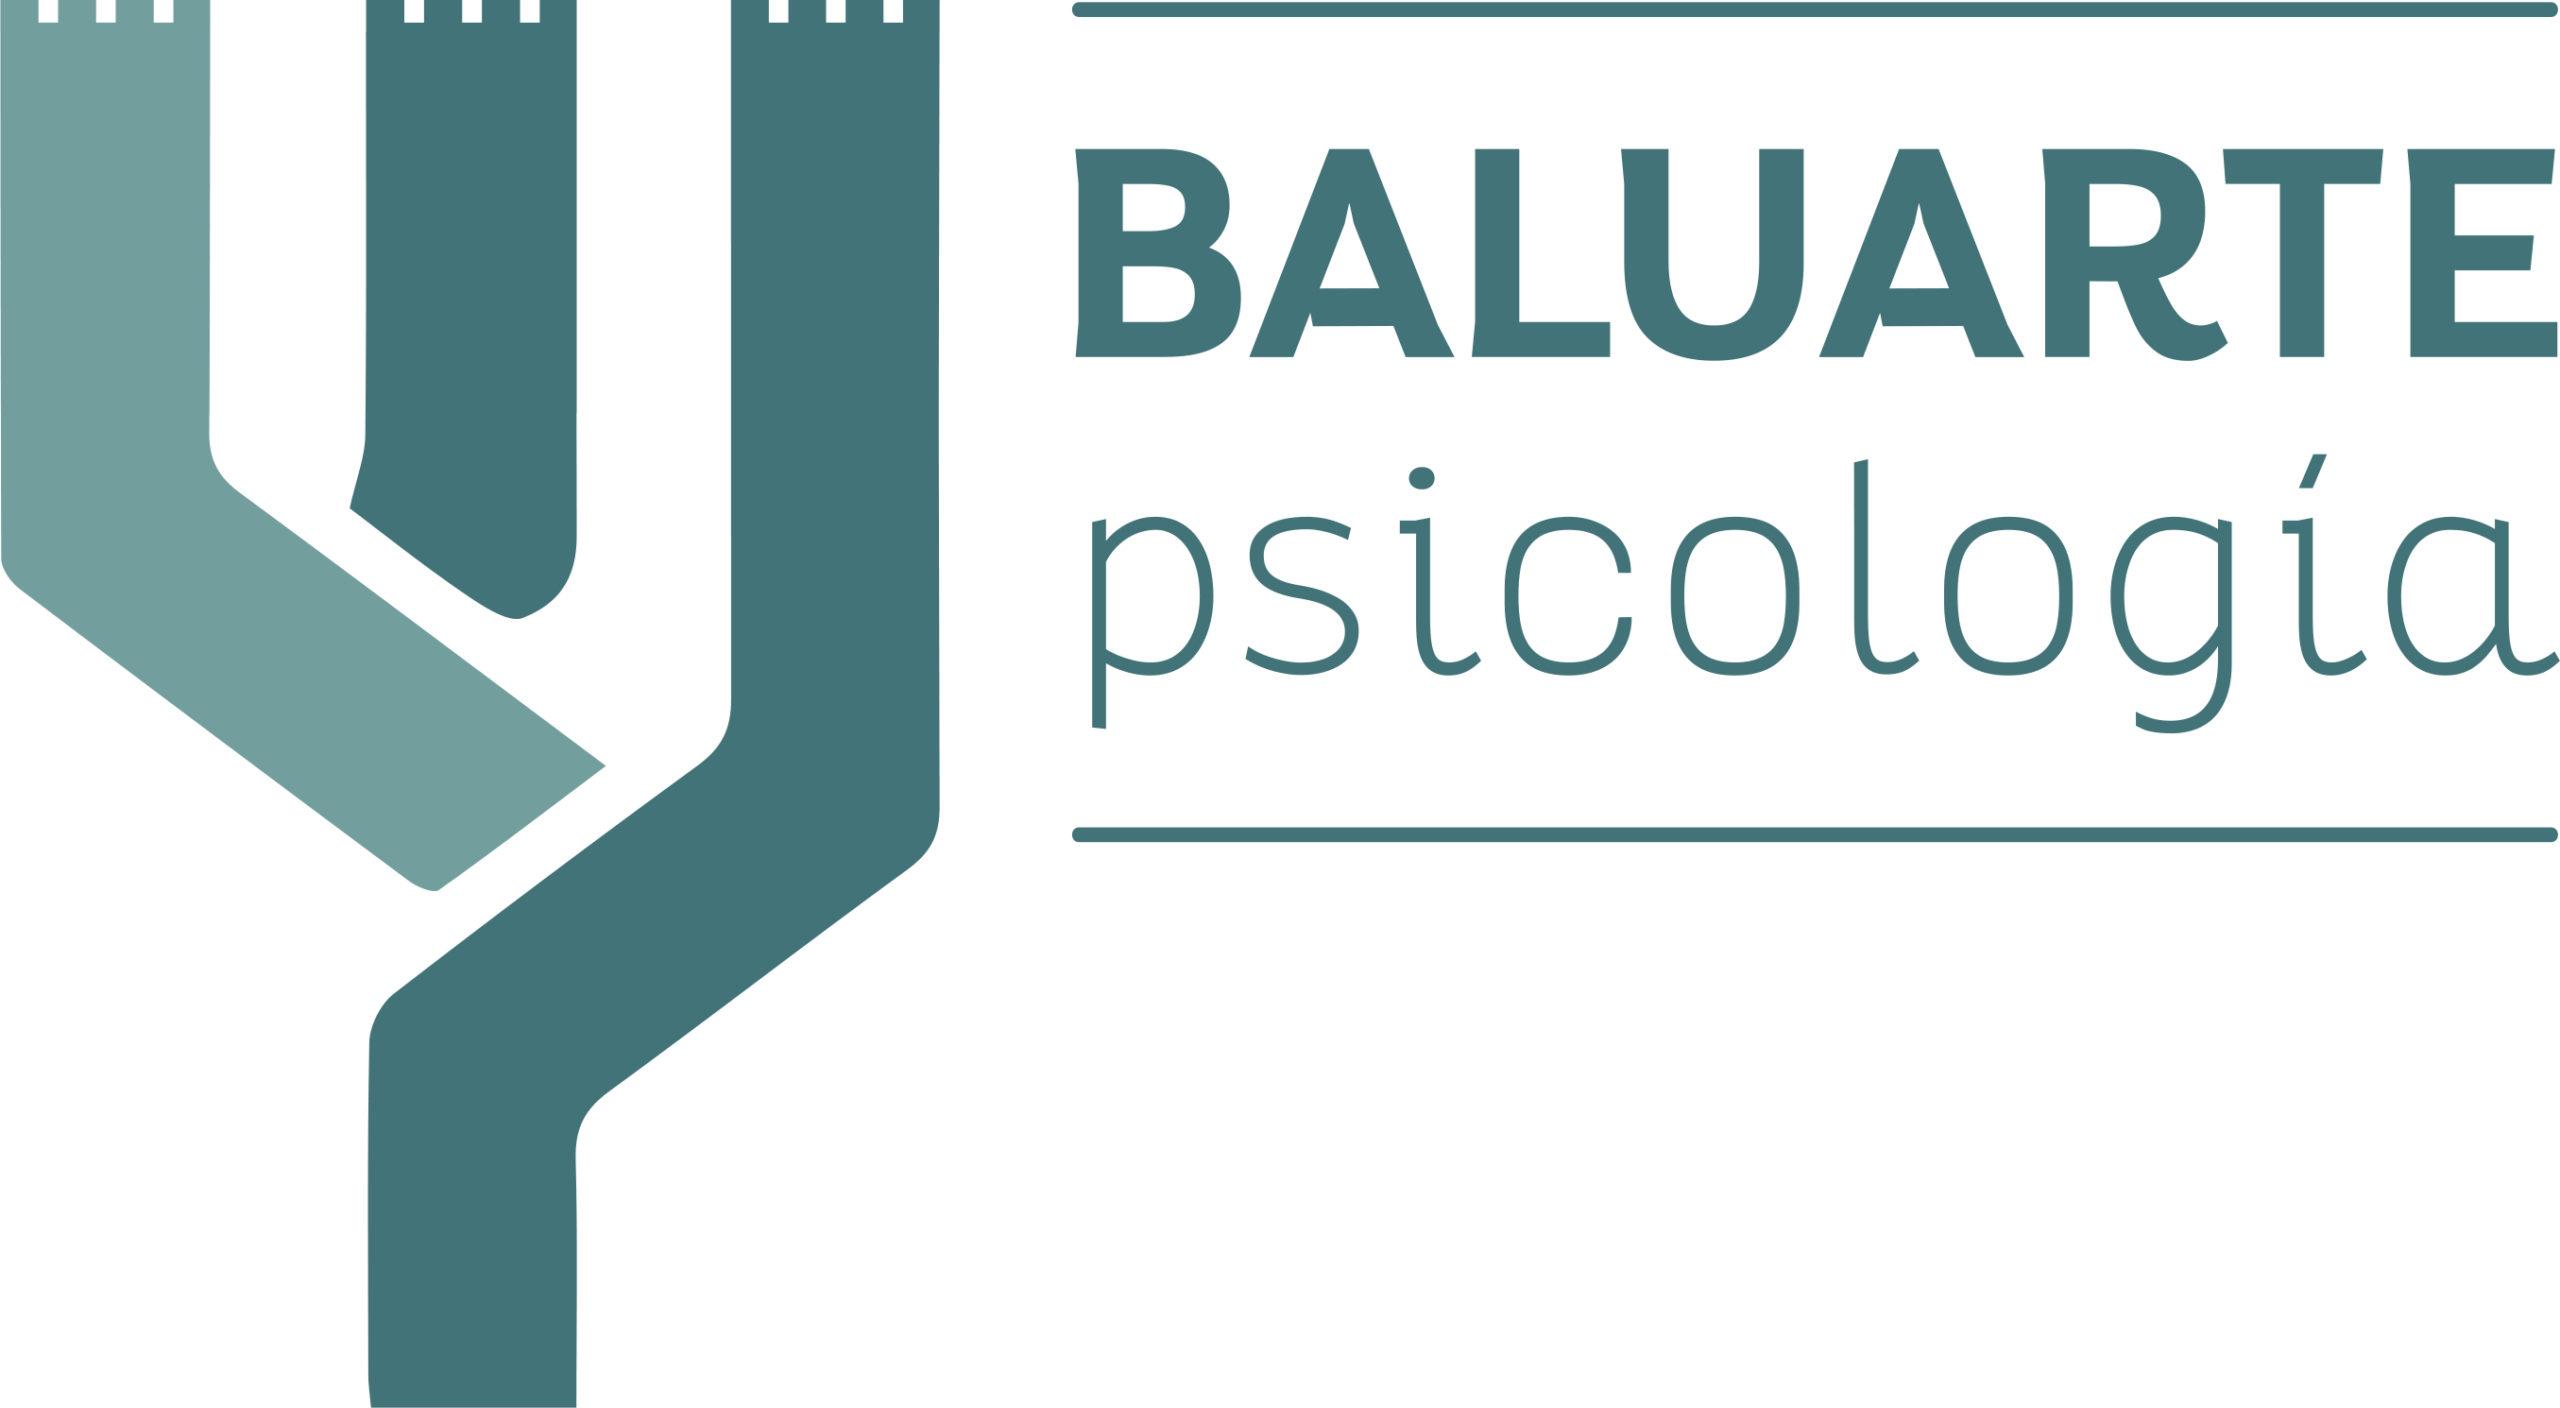 Baluarte Psicologia